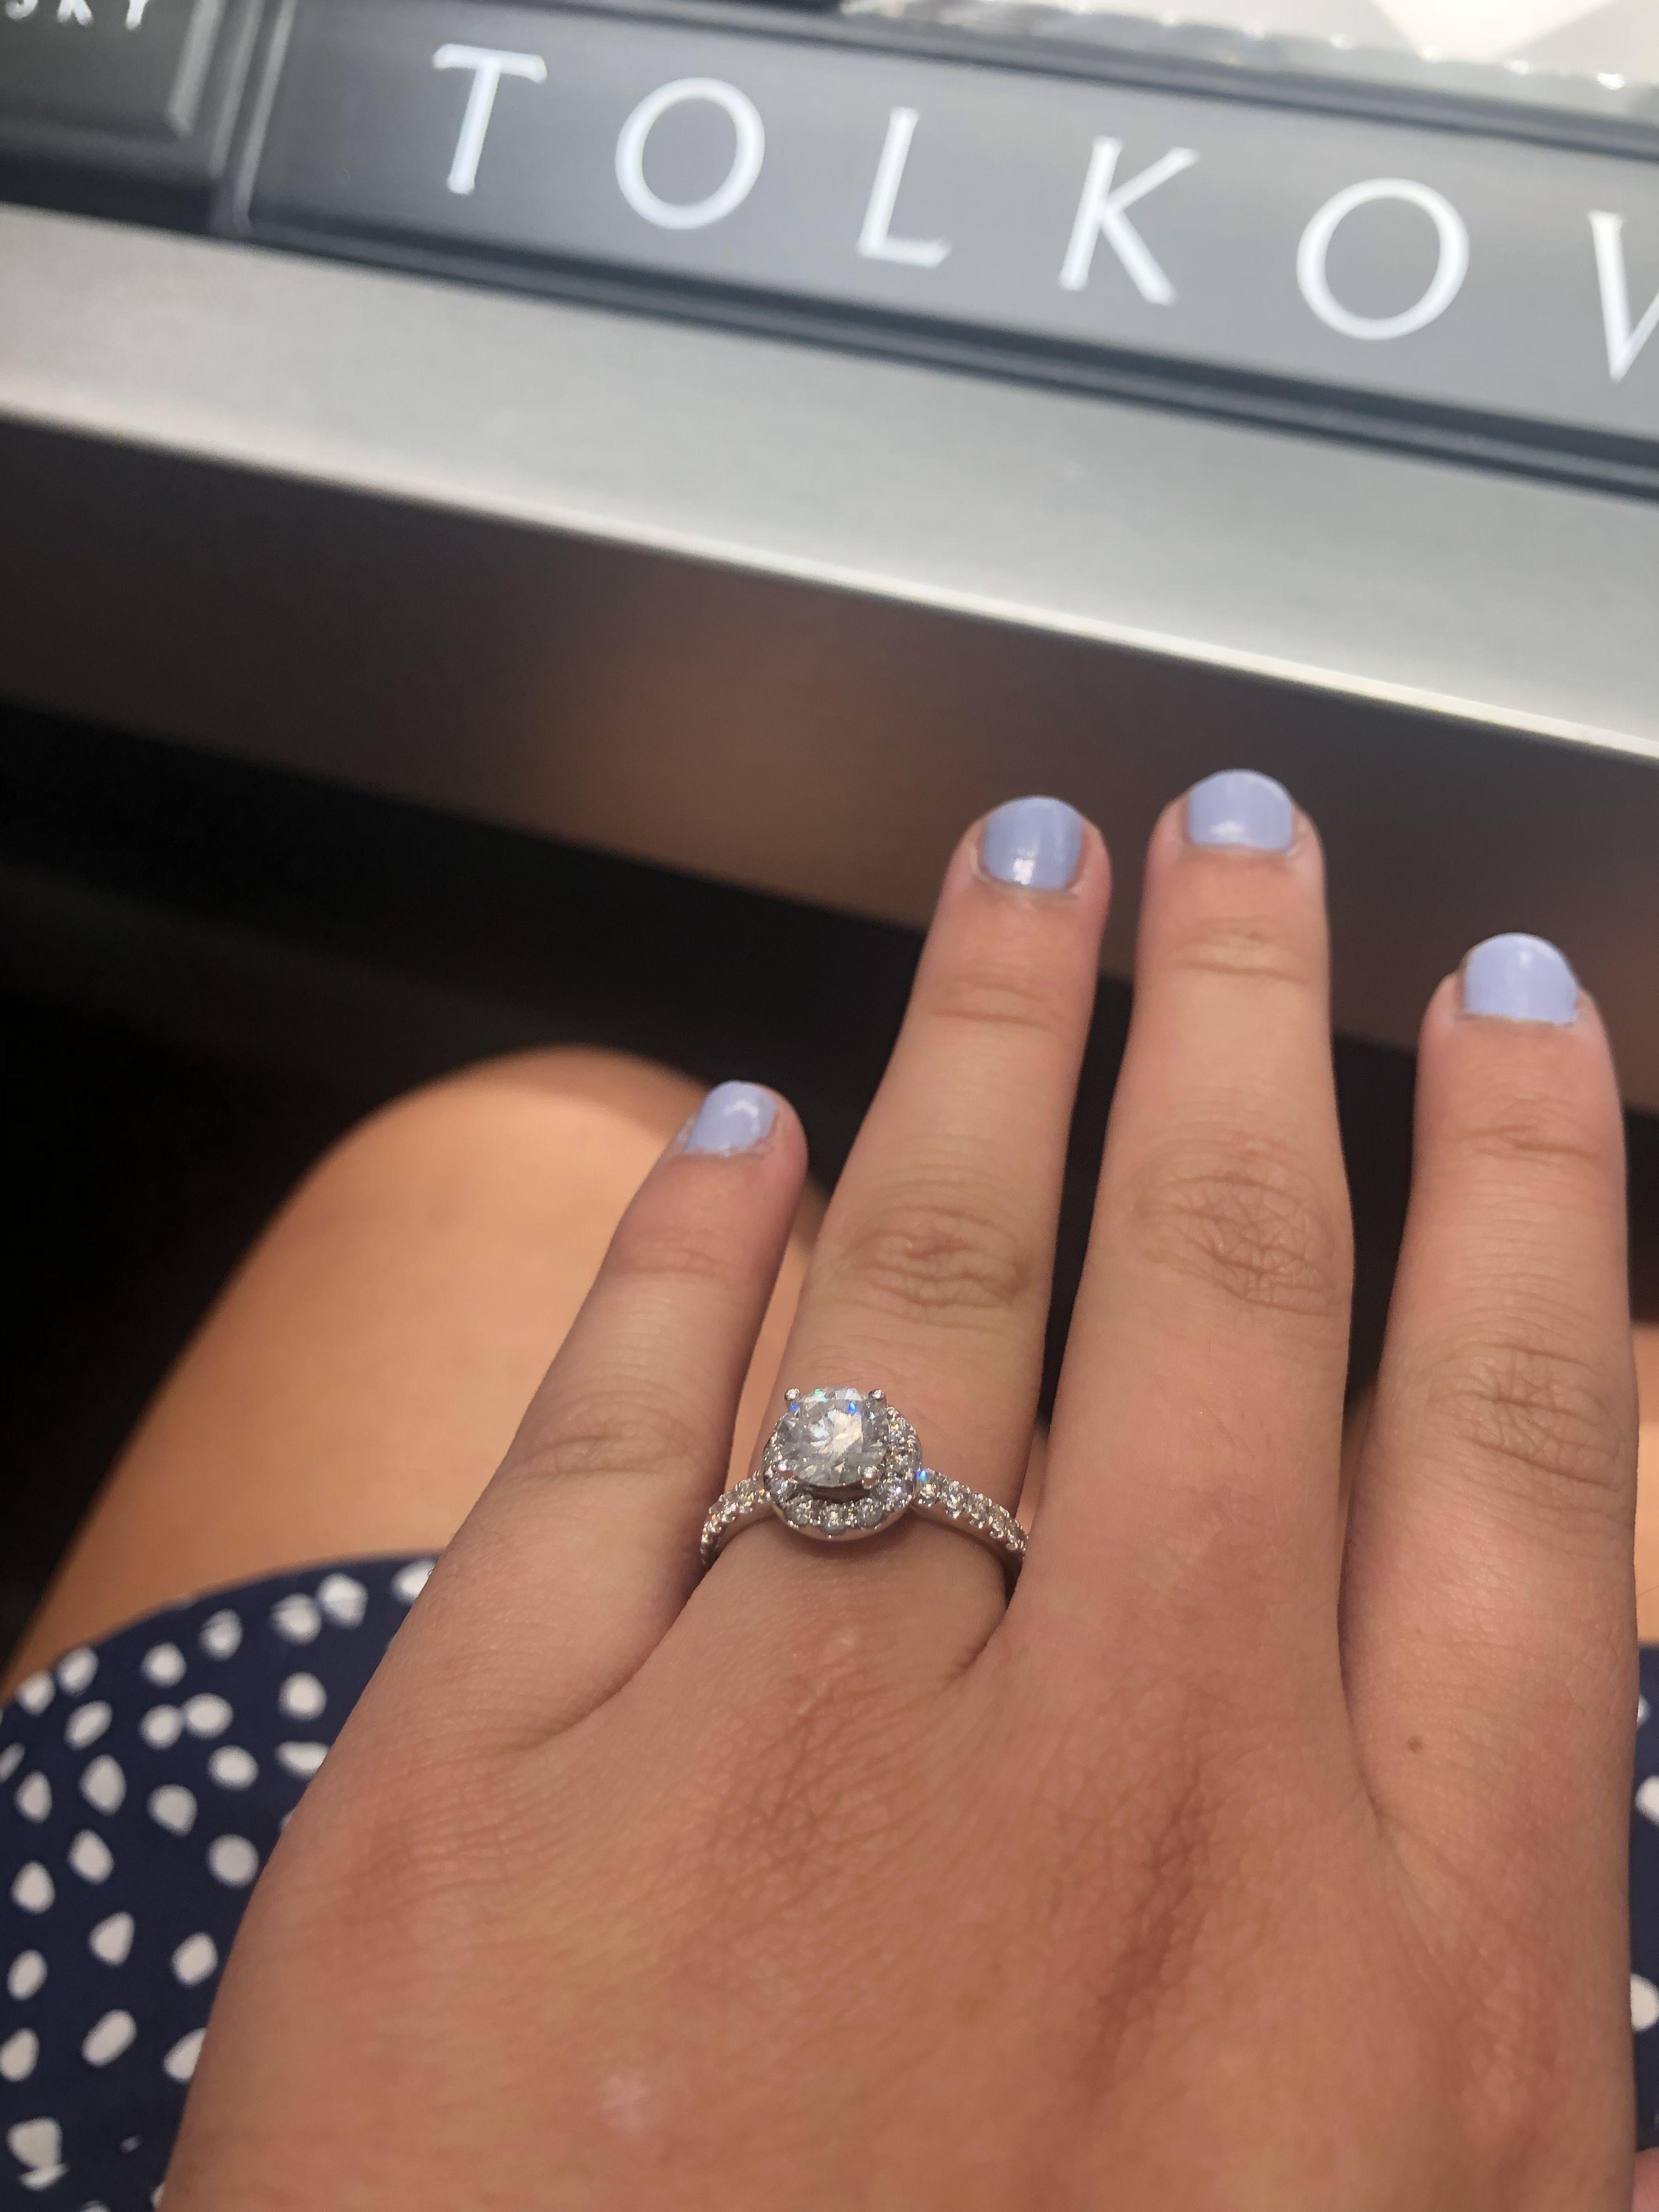 Tolkowsky Engagement Ring 1 3 8 Ct Tw Diamonds 14k White Gold Kay Tolkowsky Engagement Rings Gold Diamond Wedding Band Morganite Wedding Rings